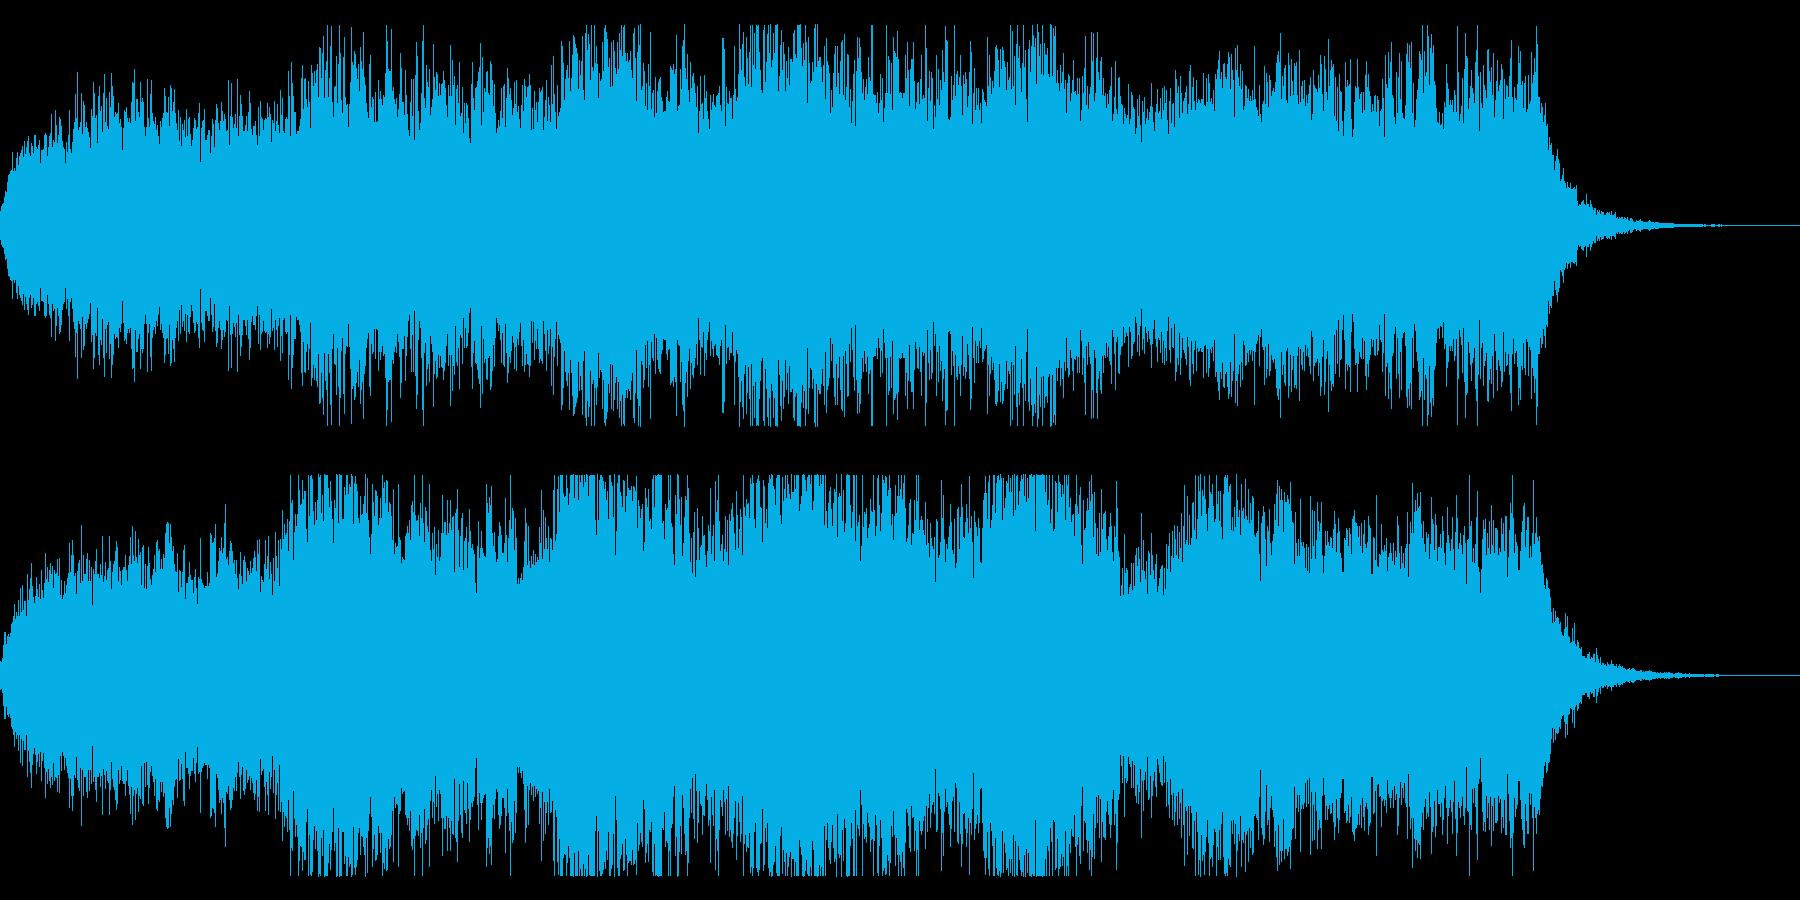 ダークファンタジーなオープニングBGMの再生済みの波形